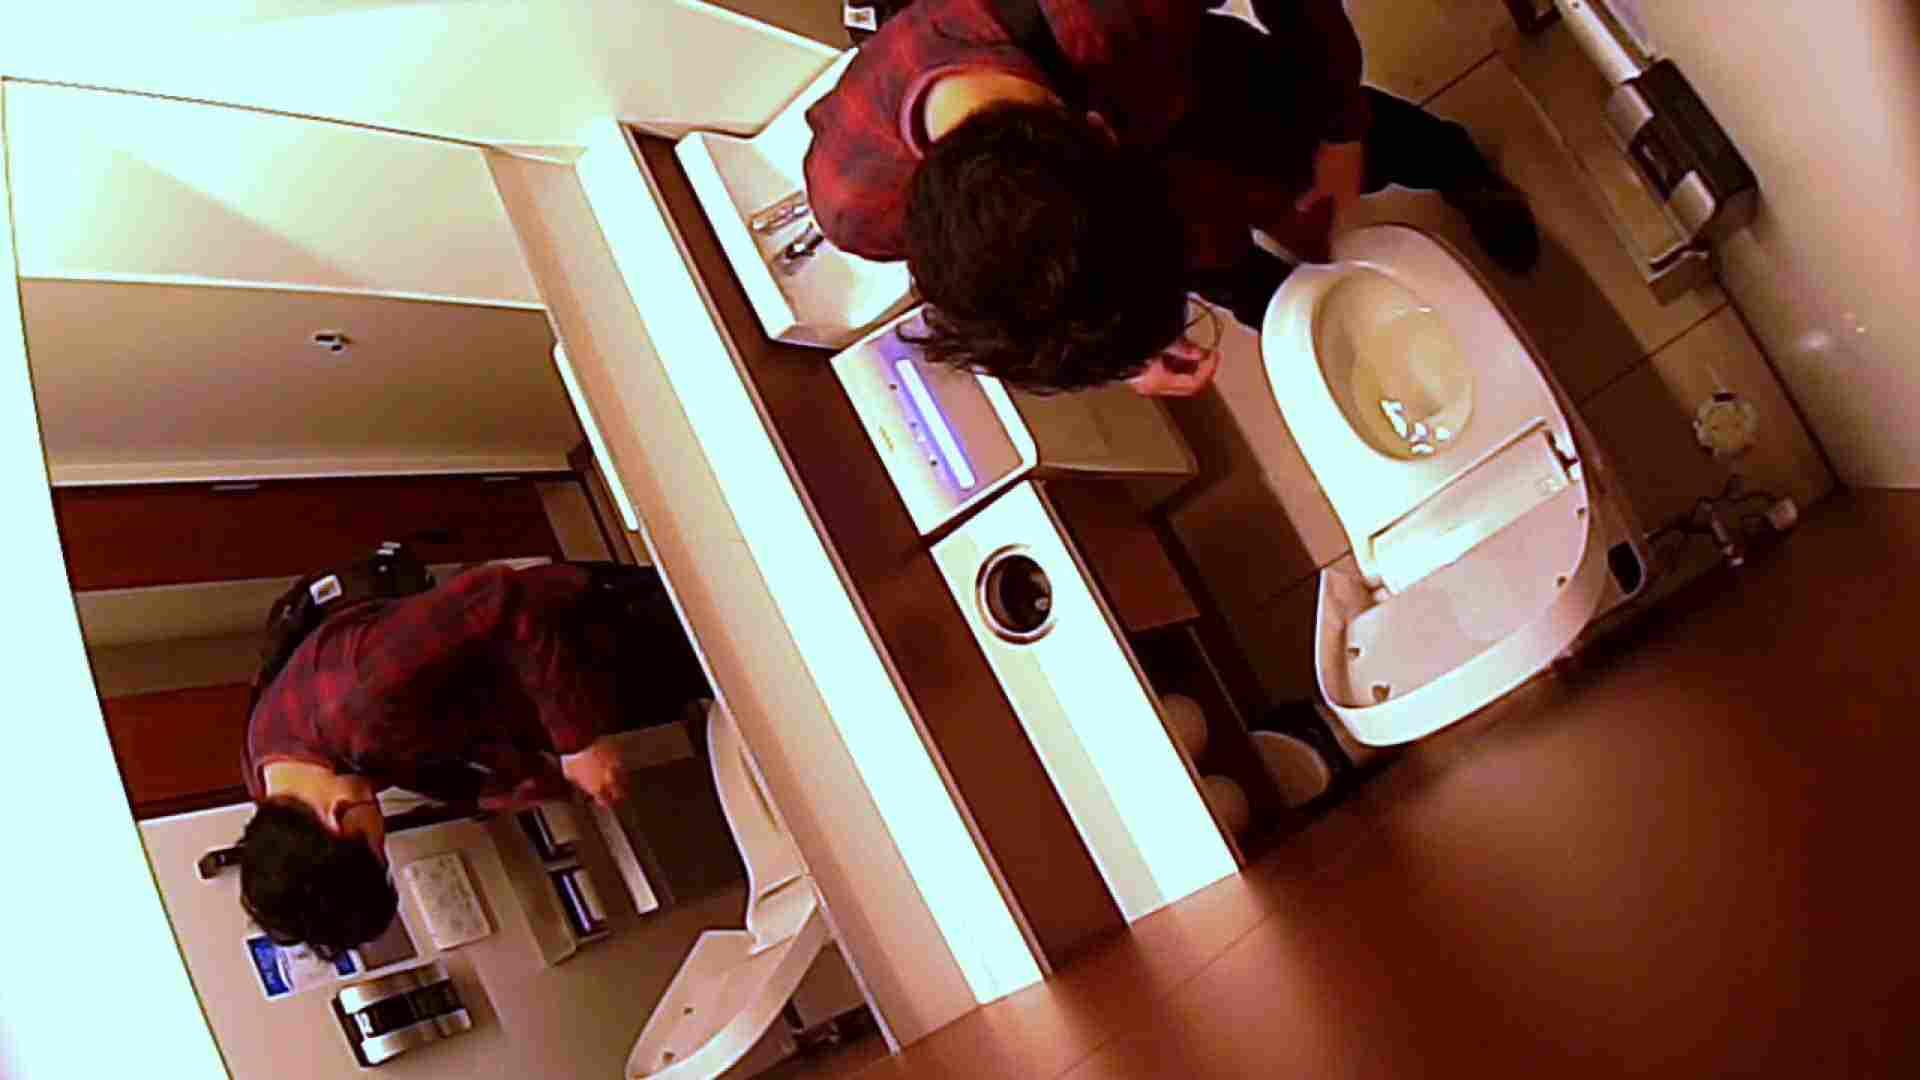 すみませんが覗かせてください Vol.32 トイレ | 0  102pic 3